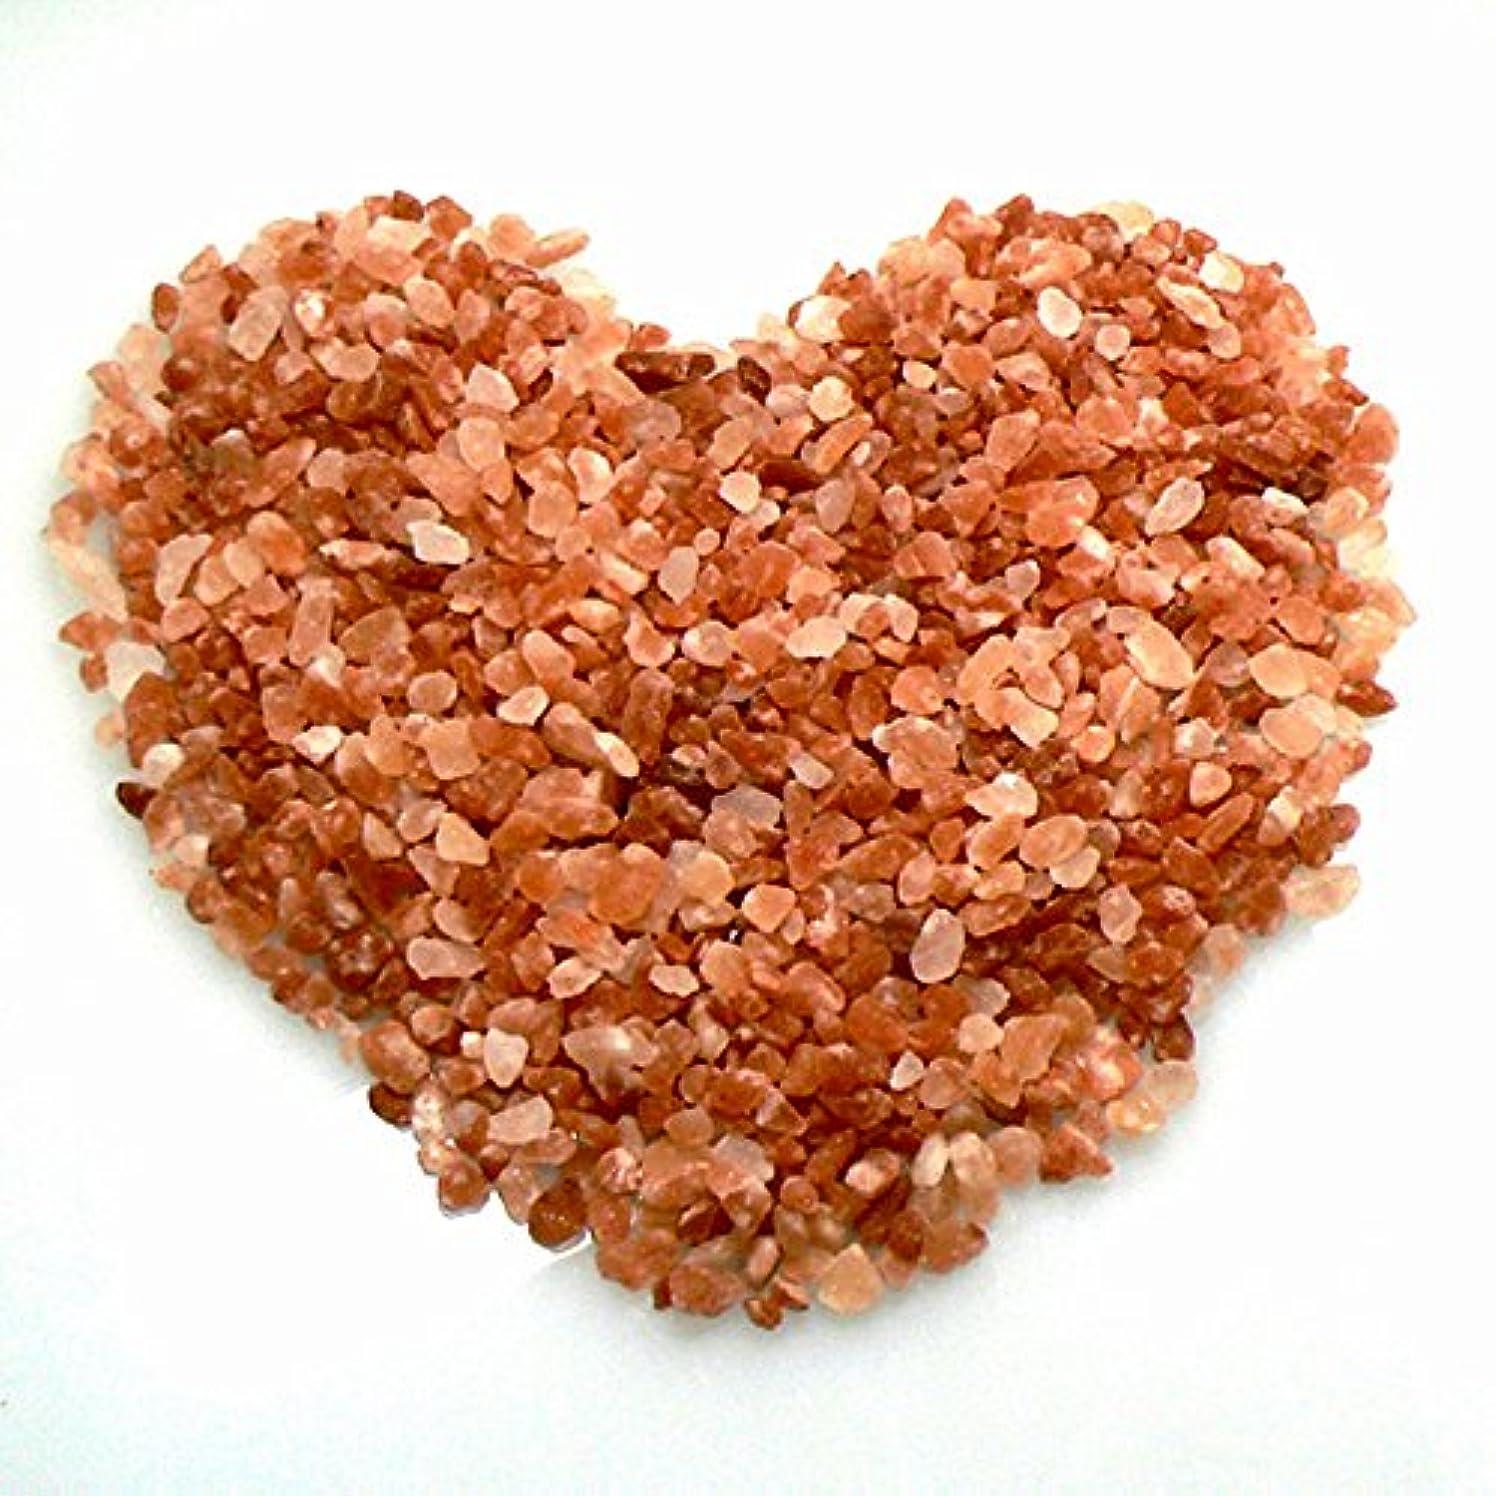 過剰フォアタイプ誓うヒマラヤ岩塩 ピンクソルト 入浴用 バスソルト(小粒)5kg ピンク岩塩